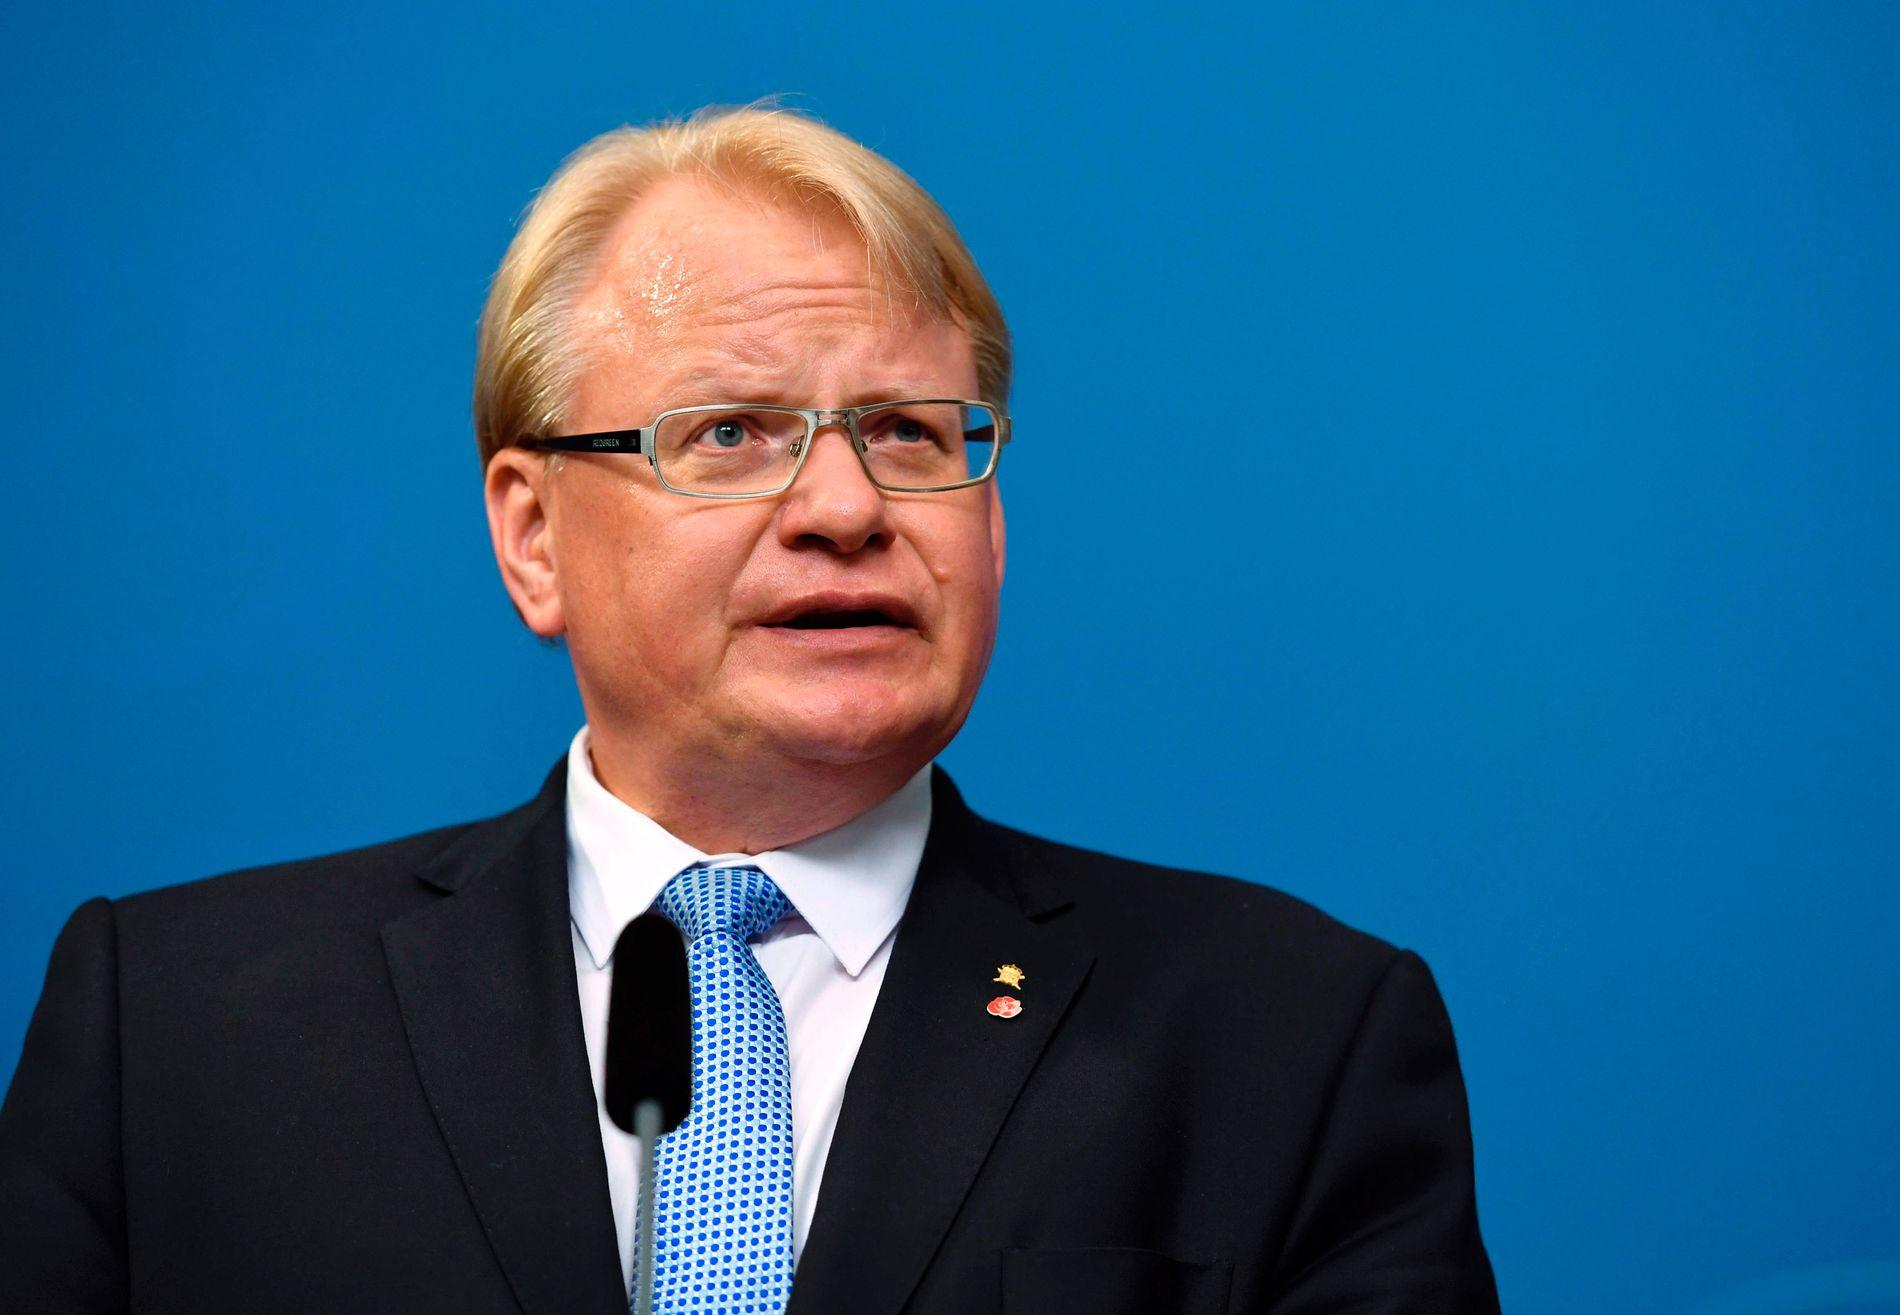 ALT HVILER PÅ HAM: Forsvarsminister Hultqvist går ikke av, selv om opposisjonen vurderer mistillitsforslag. Dersom opposisjonen går videre med mistillitsforslaget, kan de risikere å bli holdt ansvarlige for en regjeringskrise